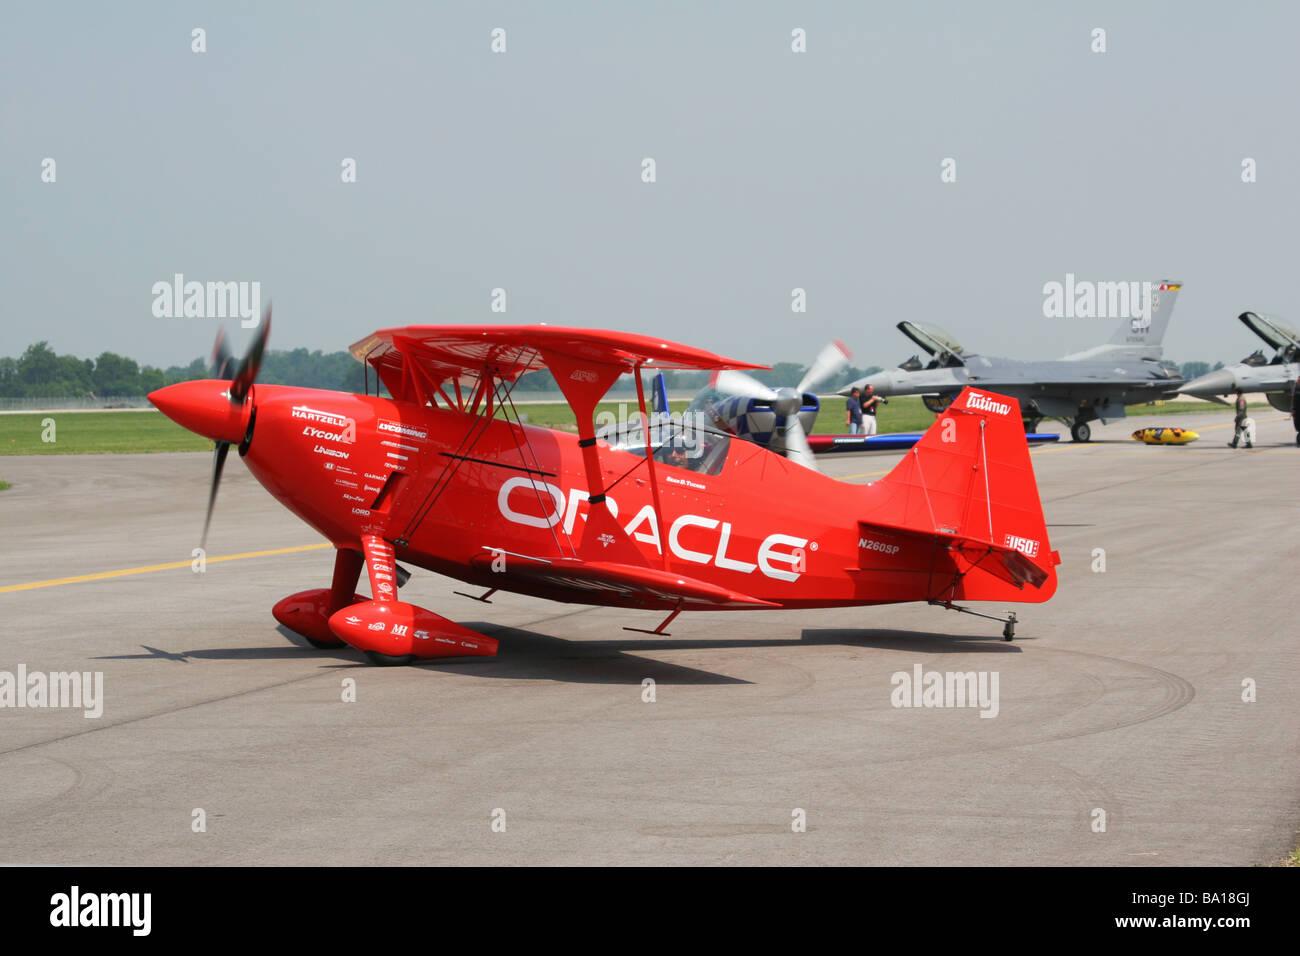 Sean D Tucker With Oracle Aerobatic Airplane at Dayton Air Show Vandalia Ohio Stock Photo